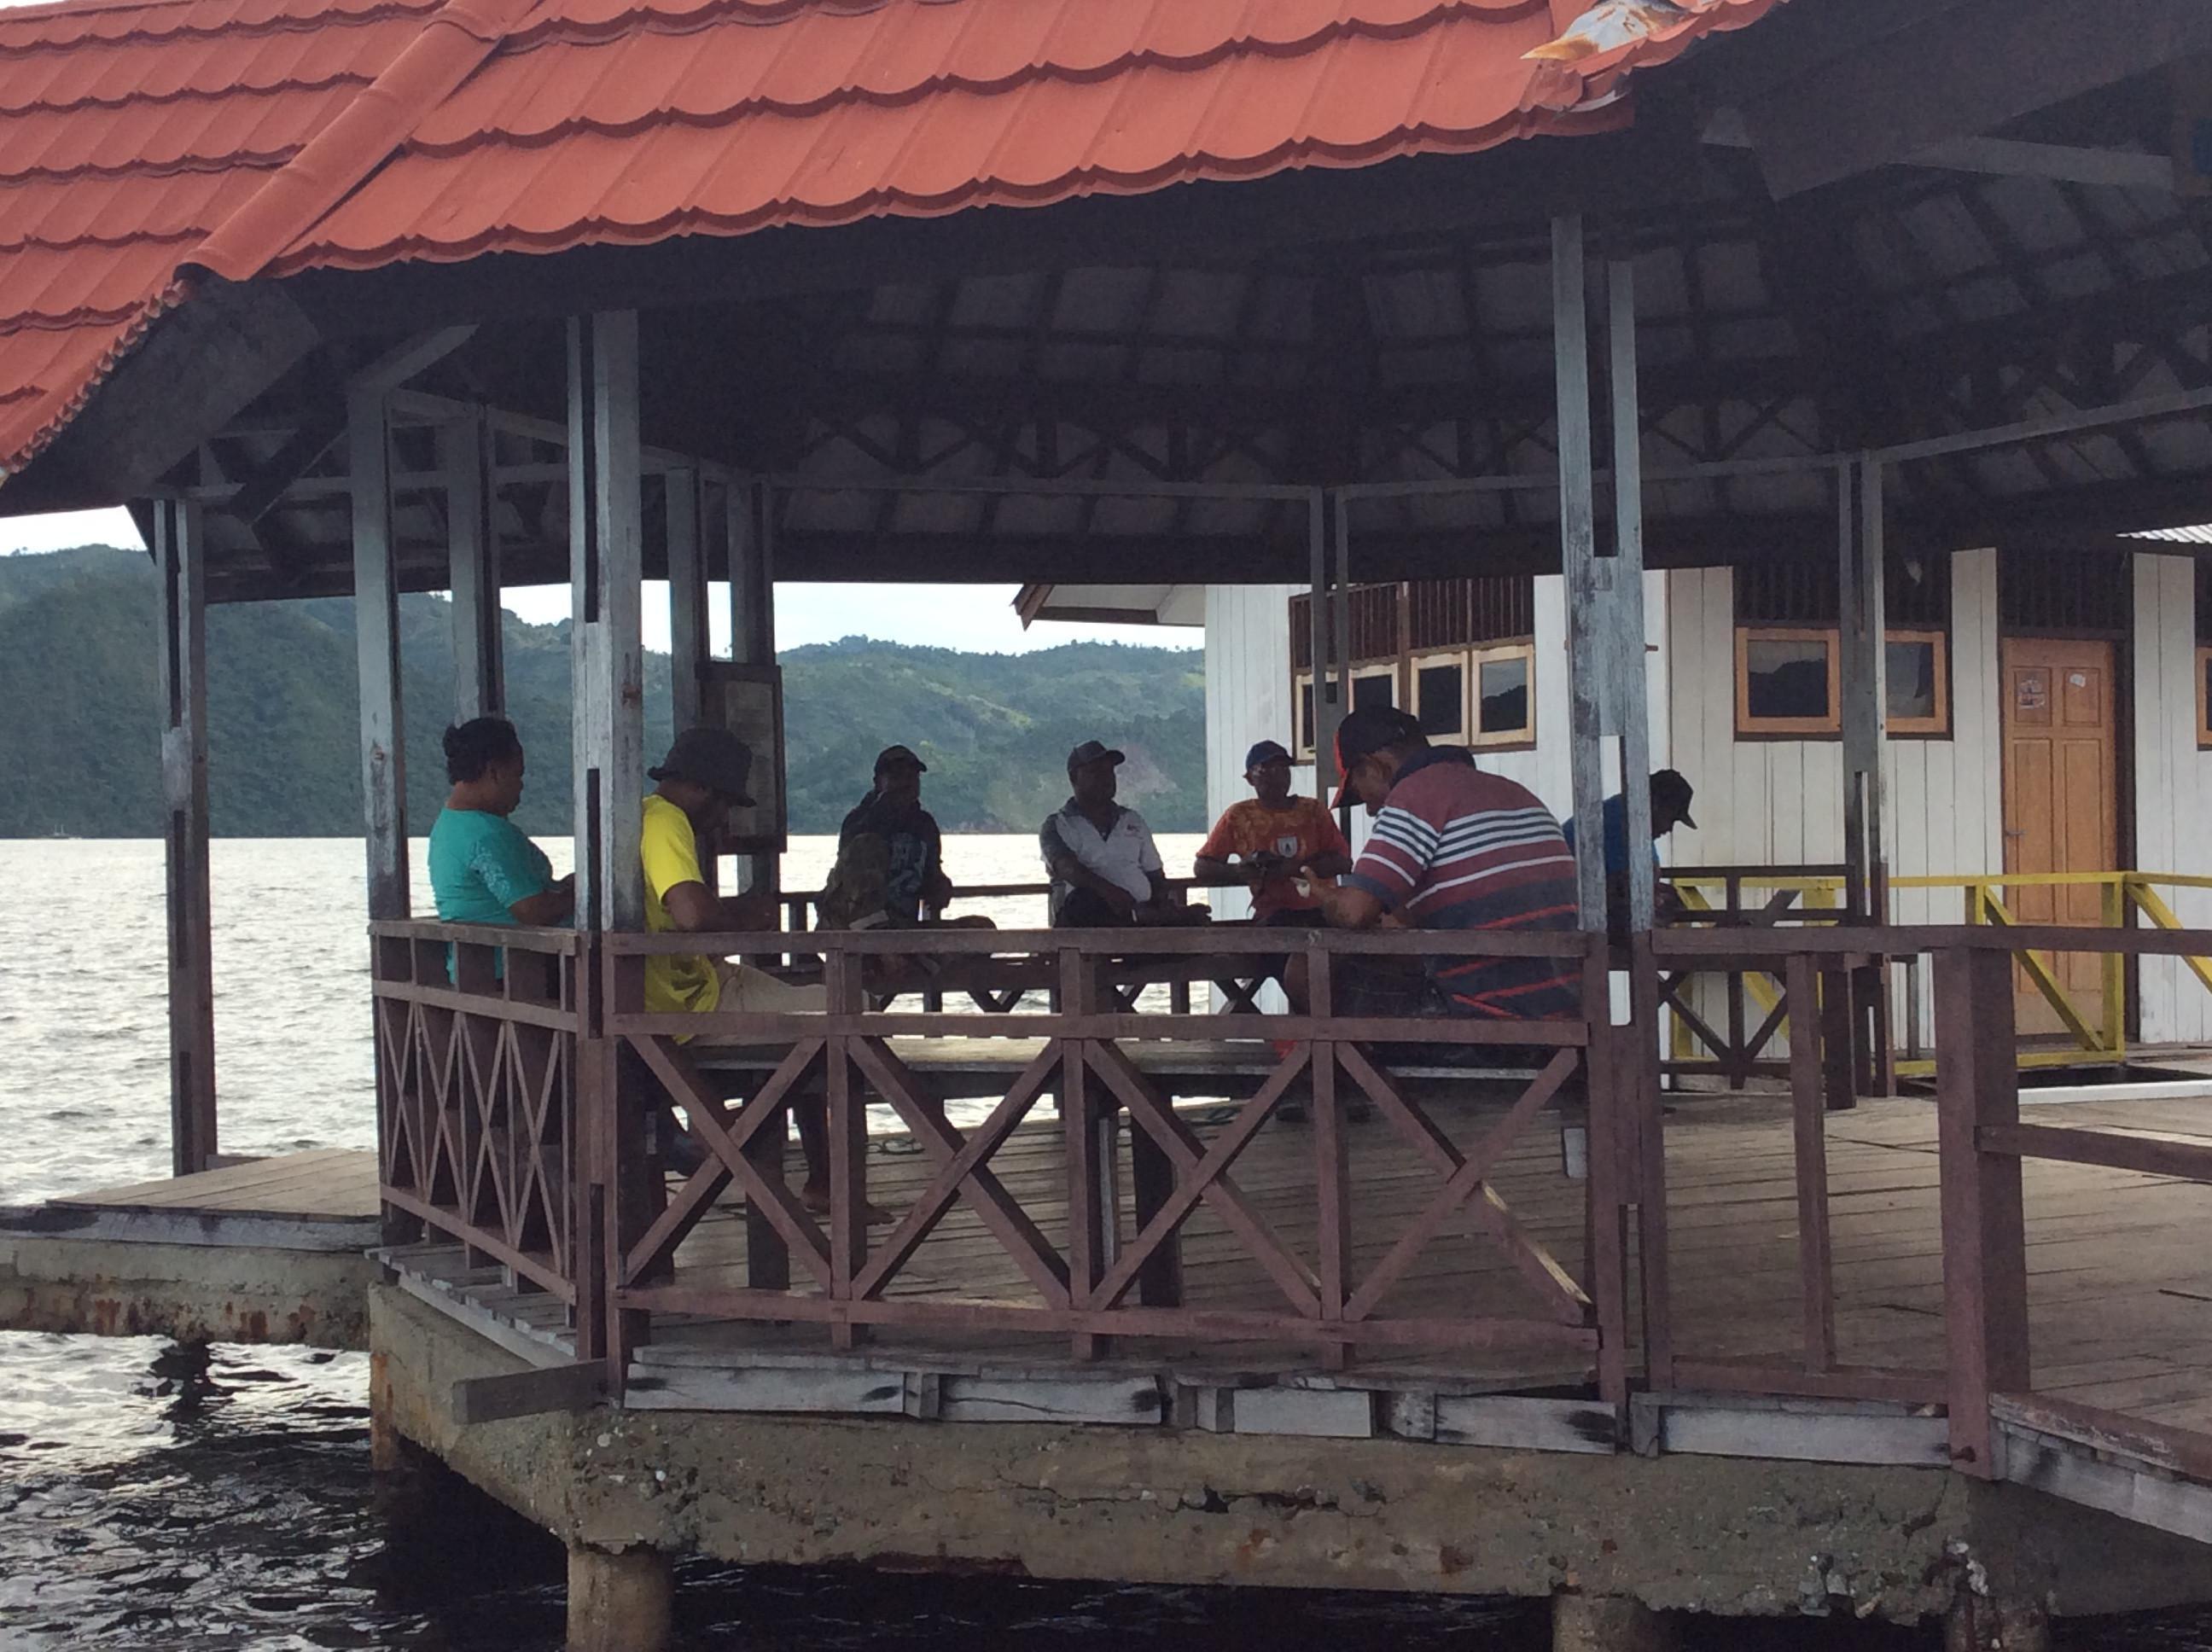 Infrau, tempat favorit berkumpulnya warga untuk menikmati internet gratis di Kampung Enggros